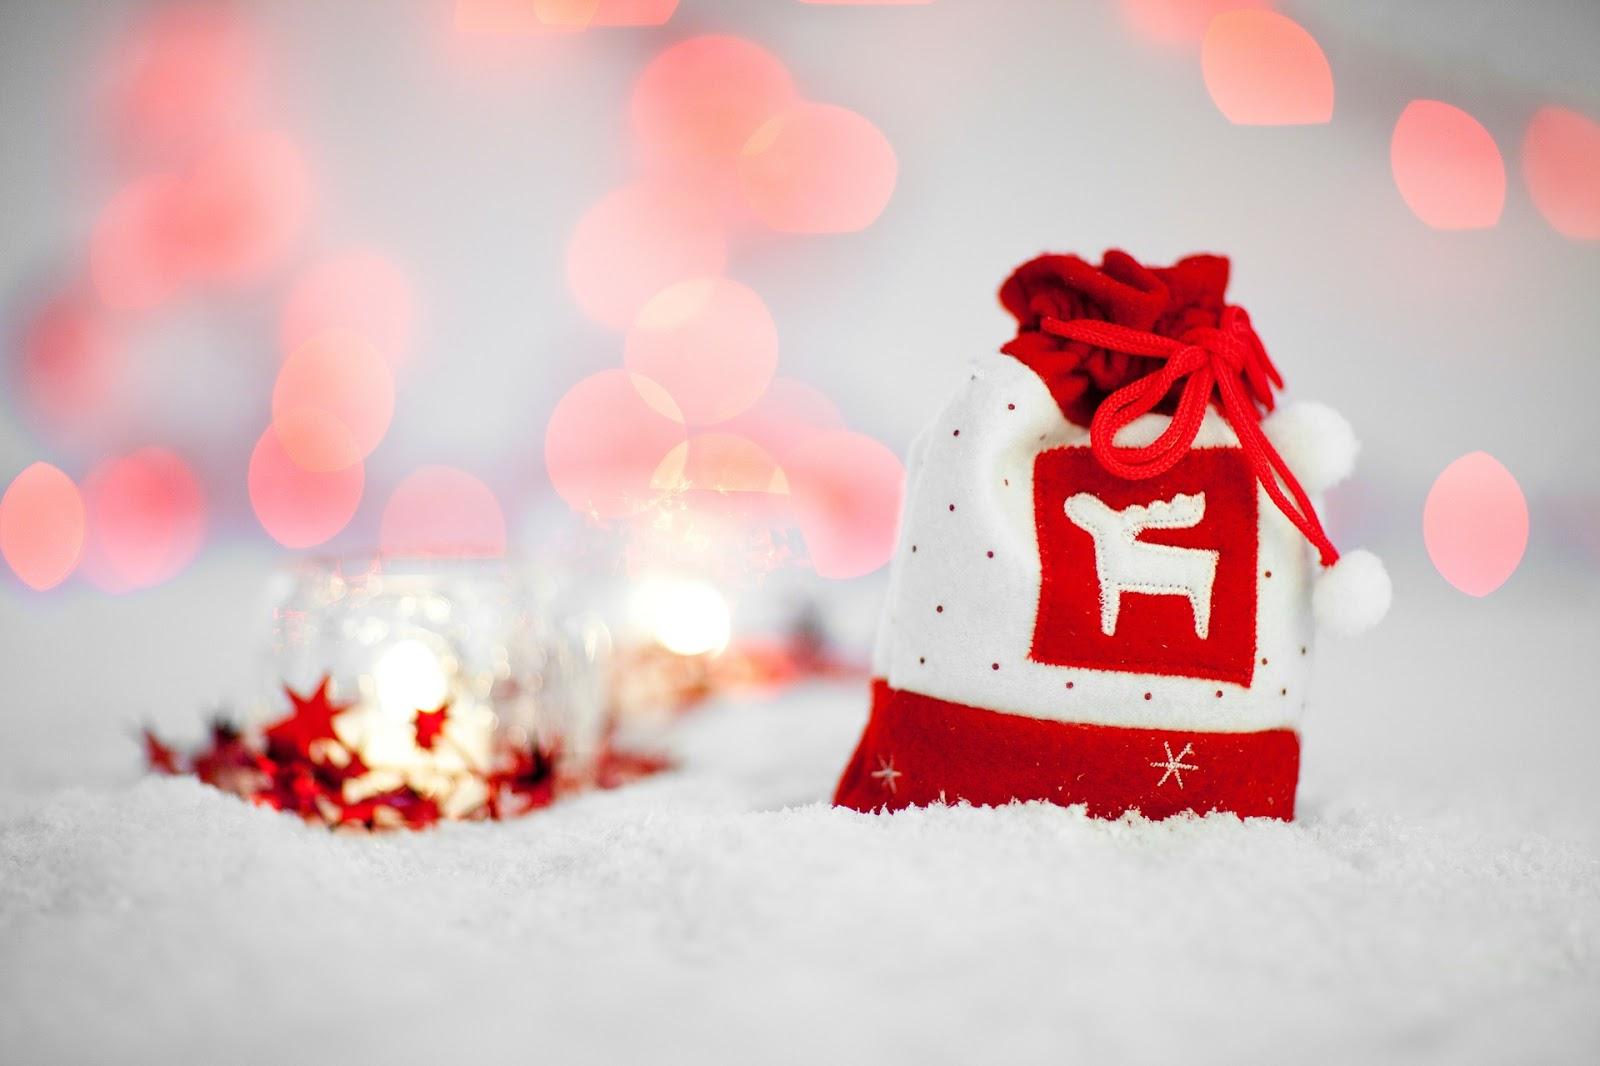 Merry Christmas ihr Süßen!